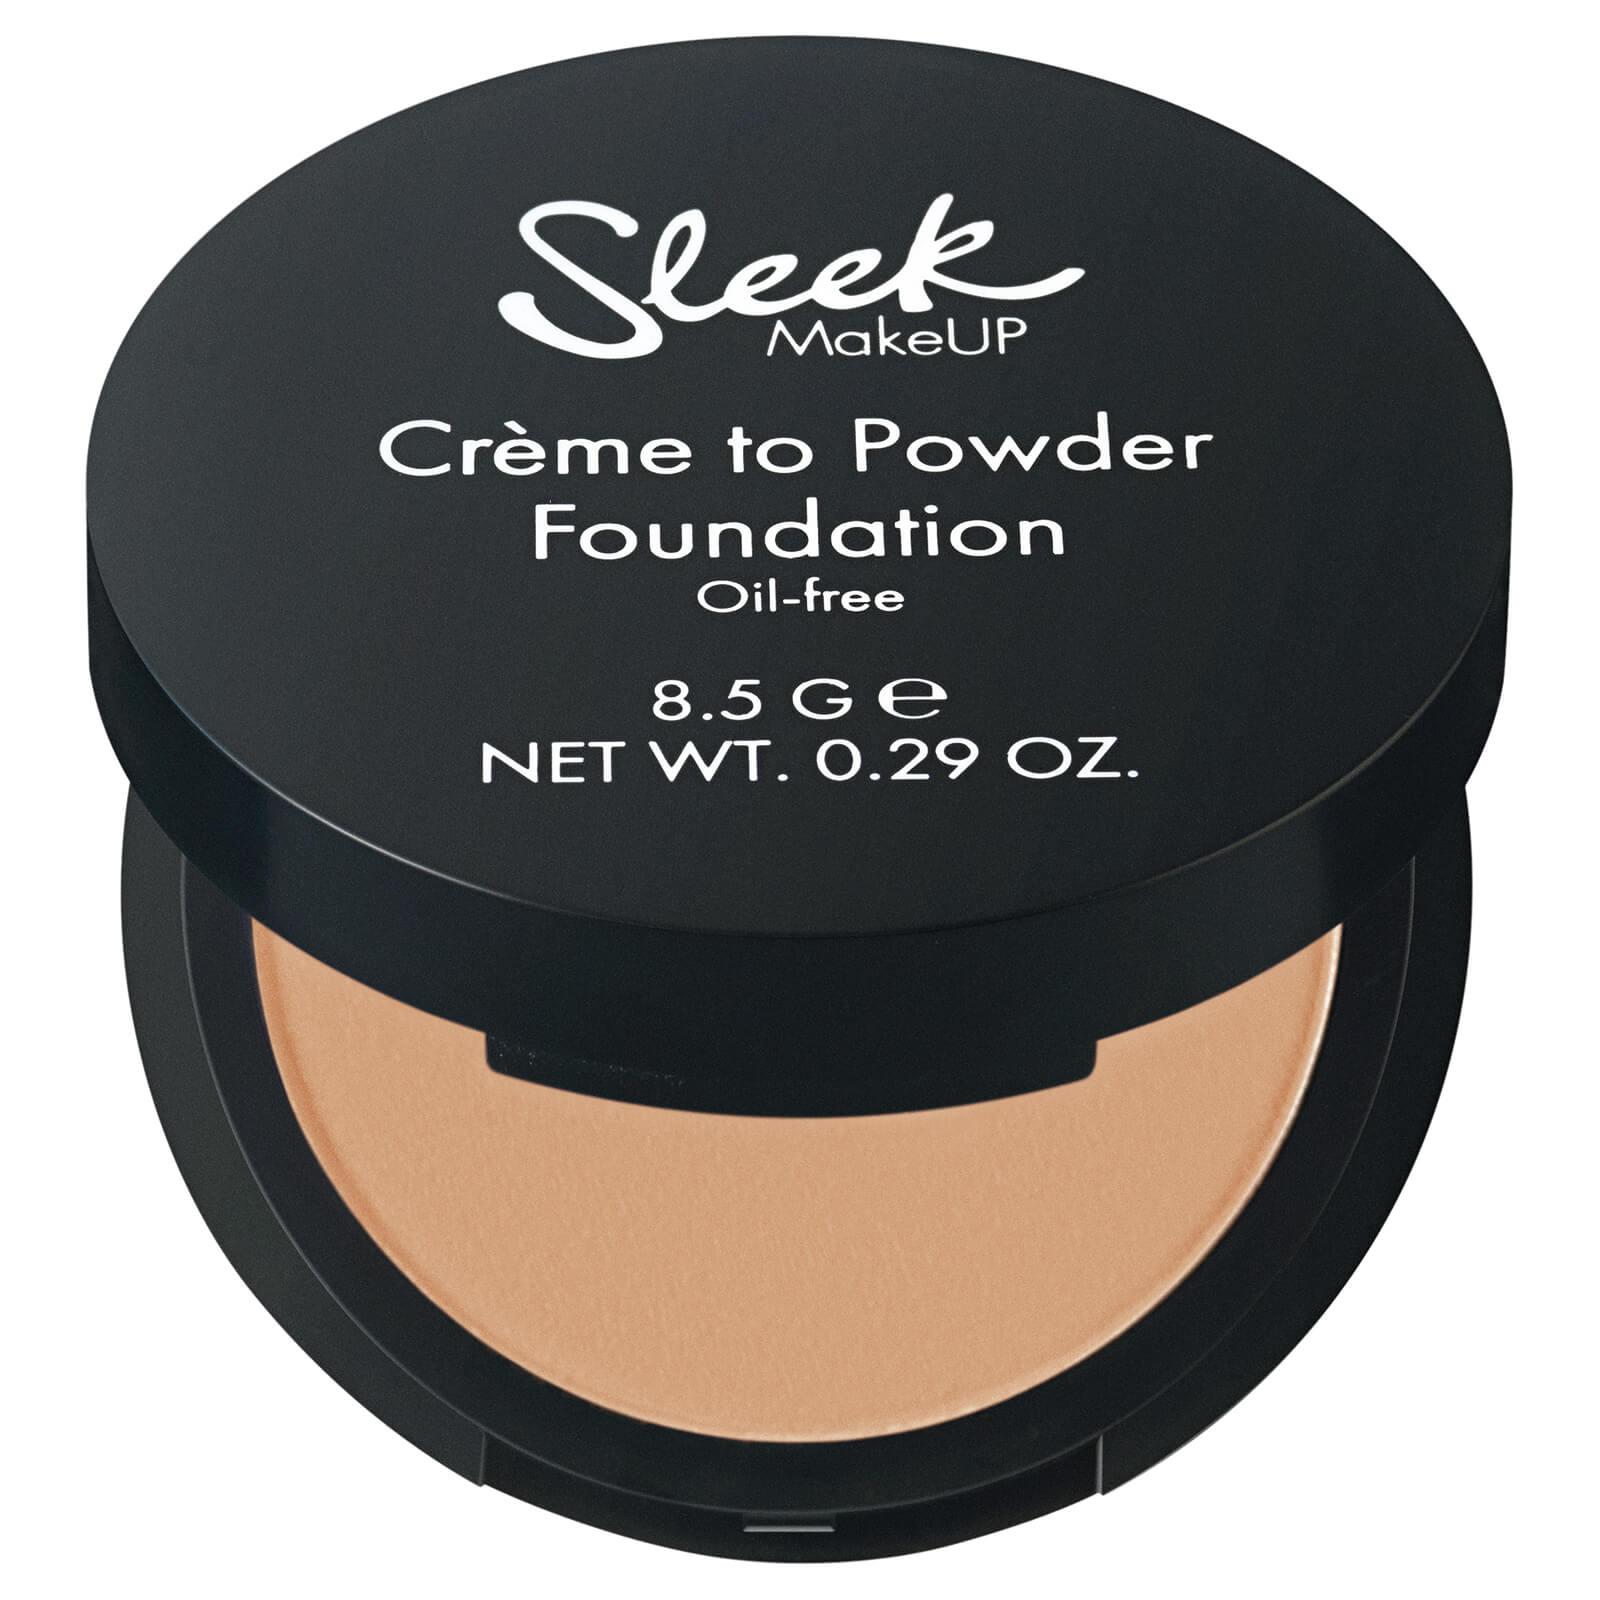 Купить Кремовая тональная основа Sleek MakeUP Creme to Powder Foundation 8, 5 г (различные оттенки) - C2P04